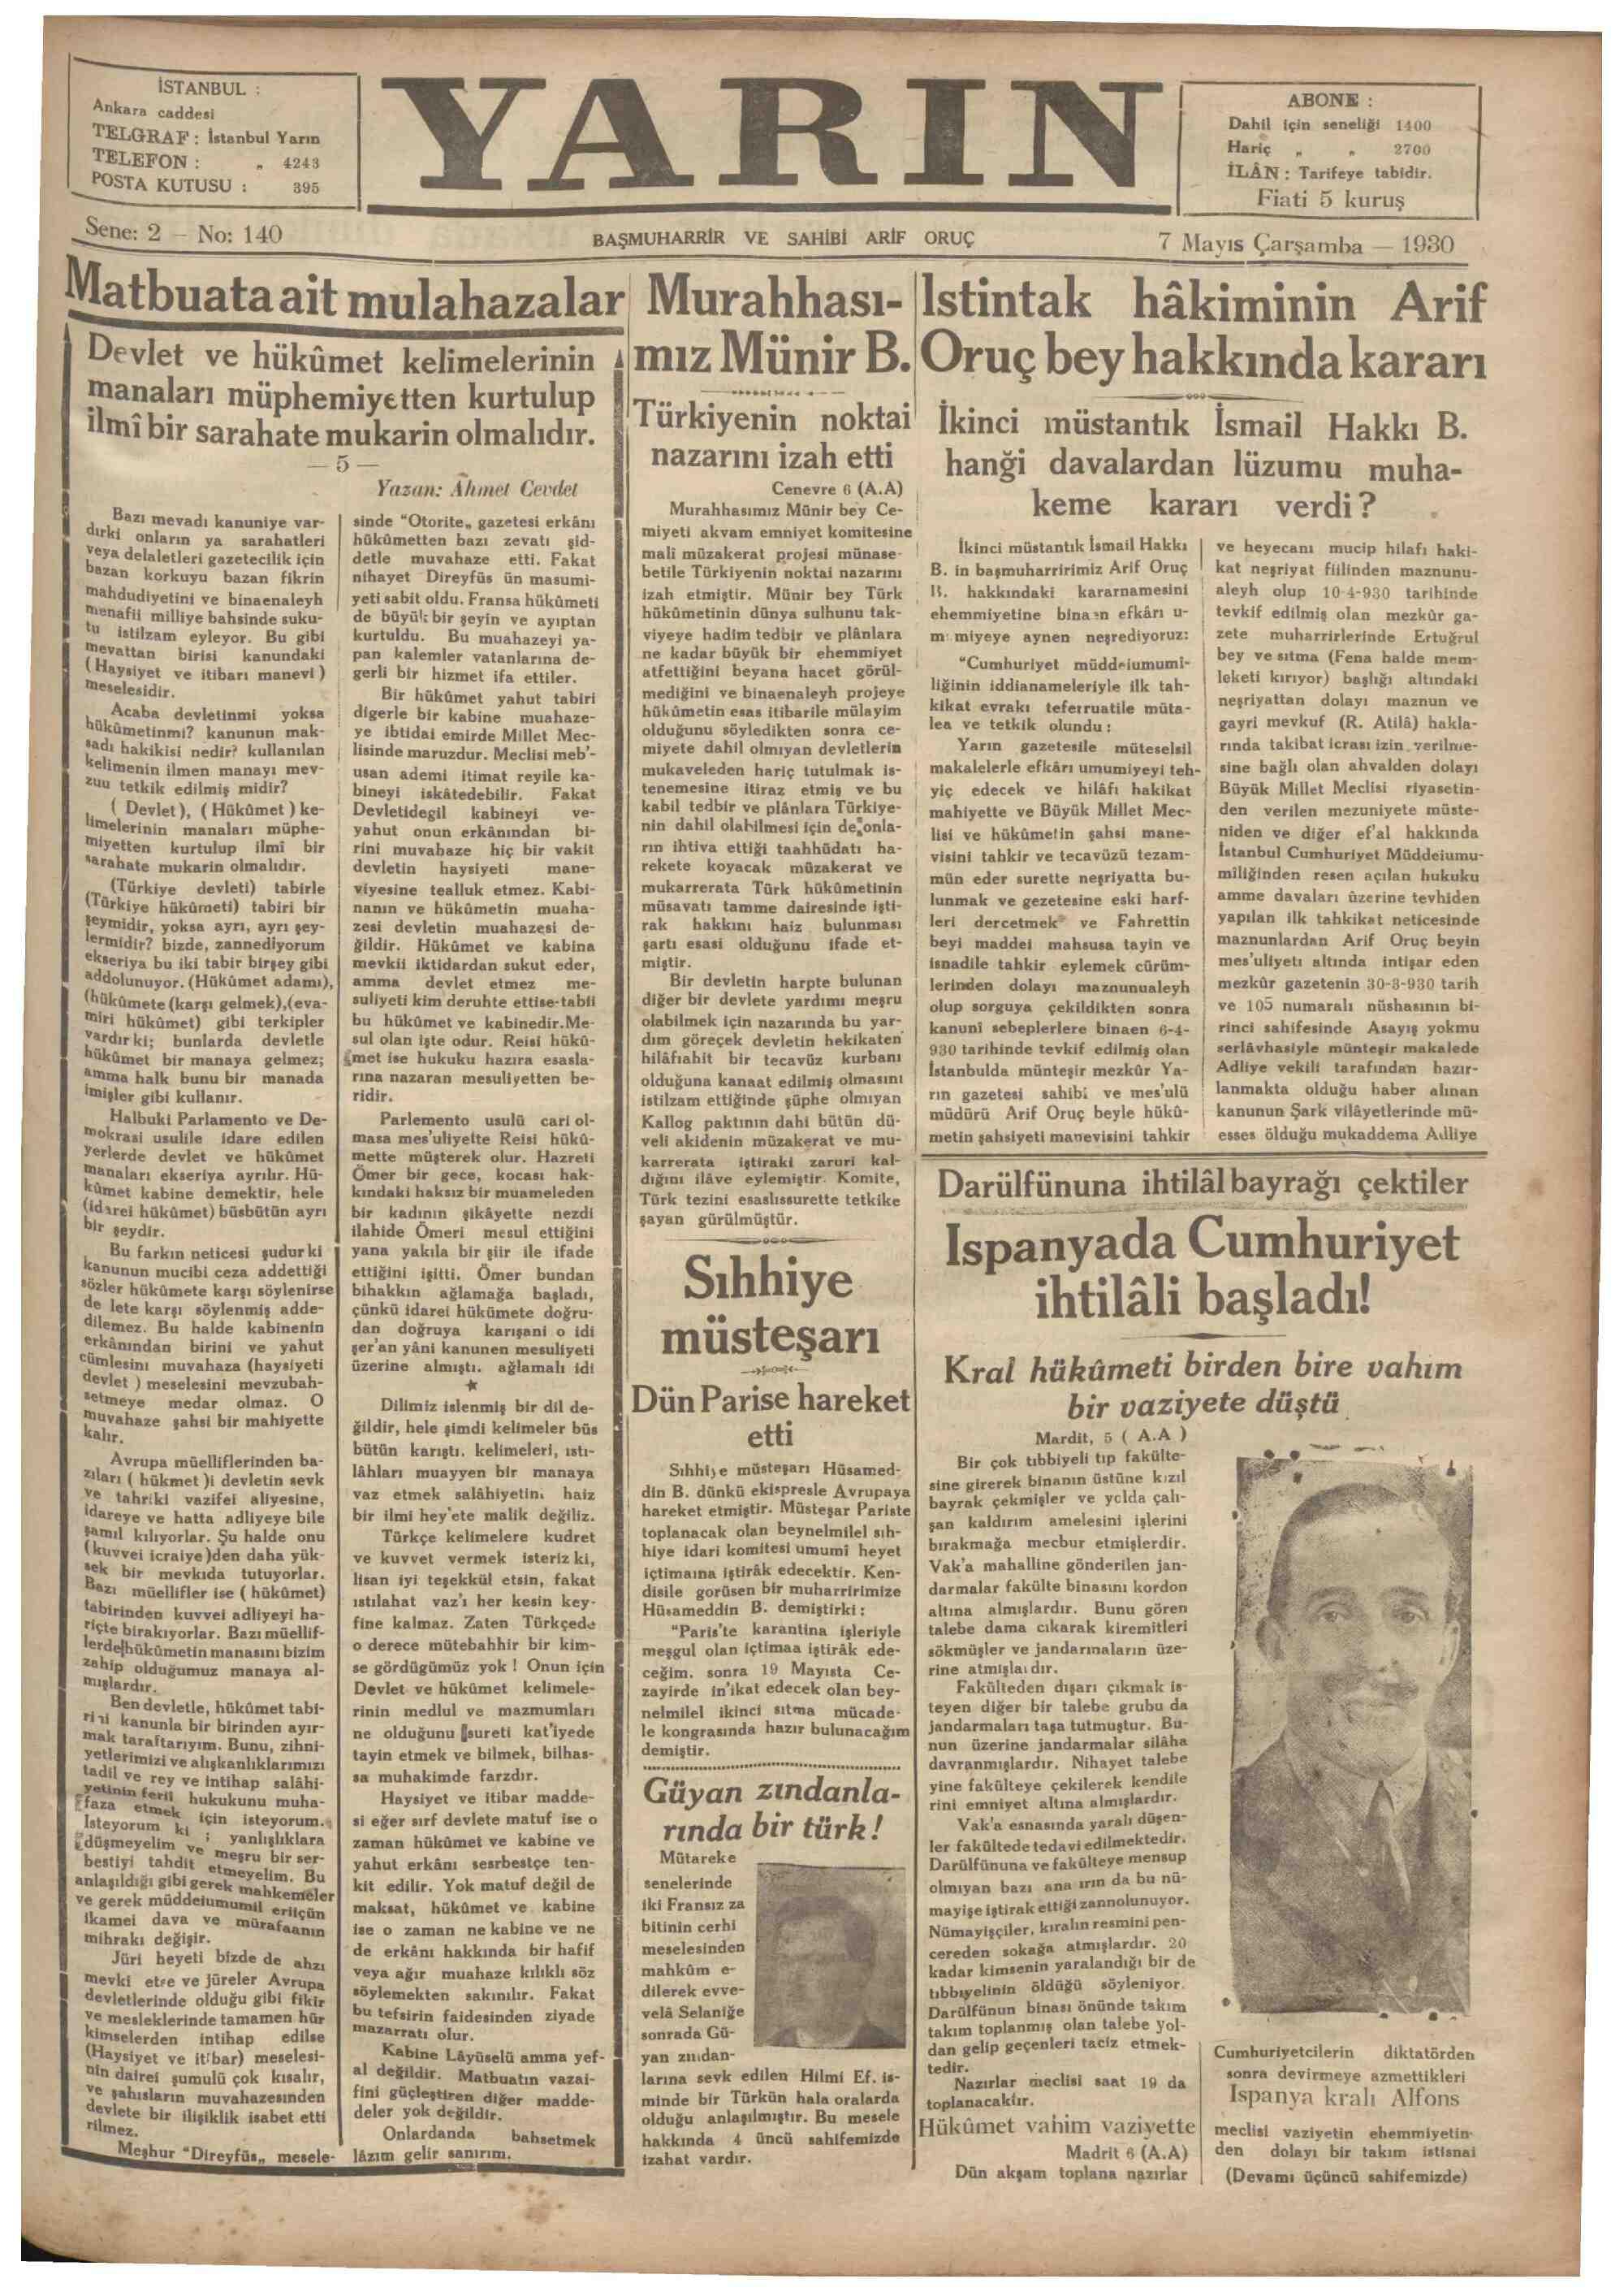 7 Mayıs 1930 tarihli Yarın Gazetesi Sayfa 1